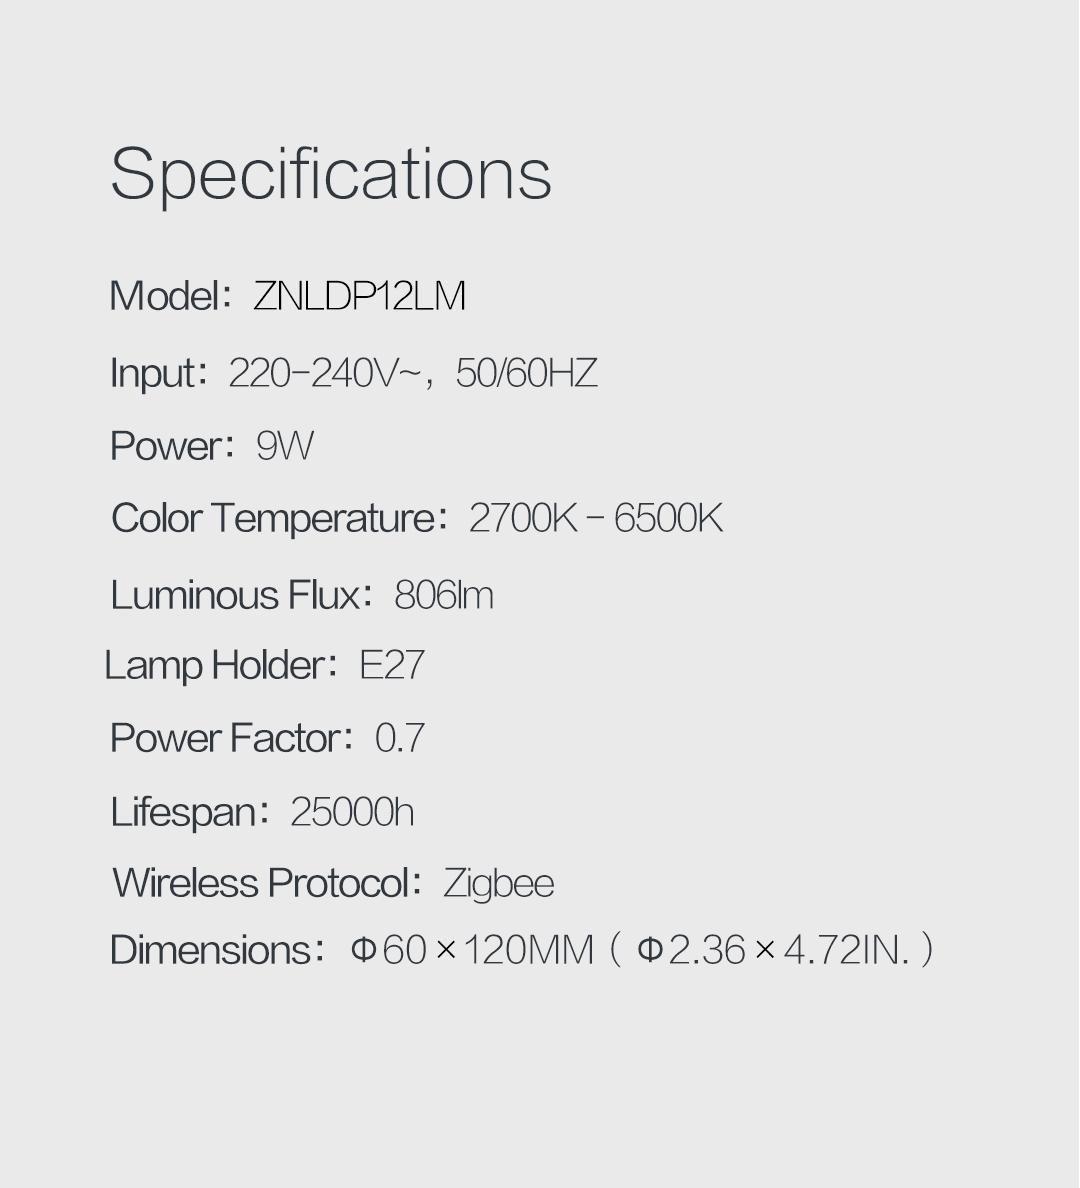 Aqara light bulb specifications